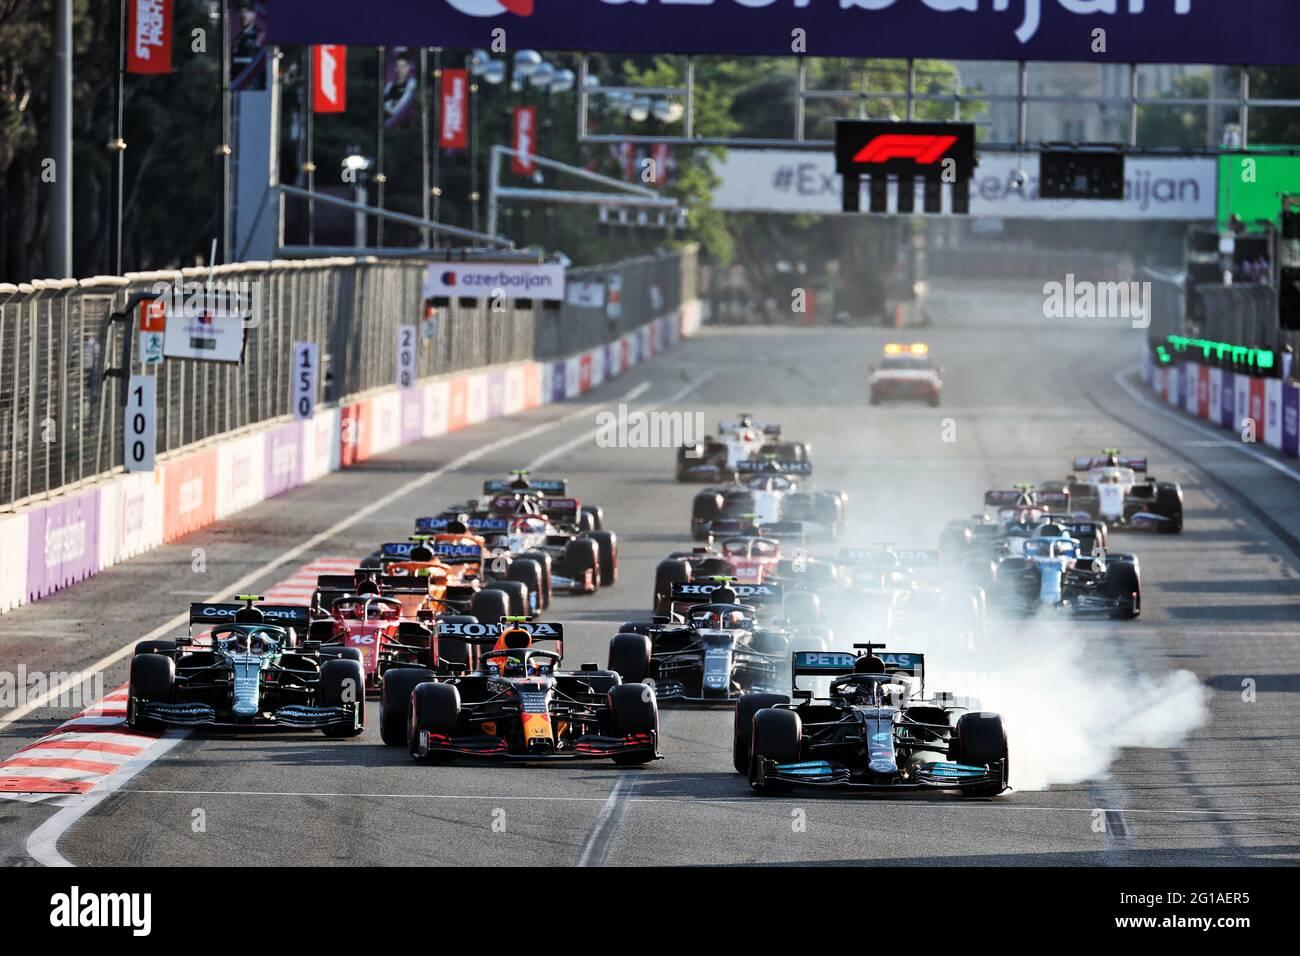 Baku, Aserbaidschan. Juni 2021. Lewis Hamilton (GBR) Mercedes AMG F1 W12 bremst beim Neustart des Rennens ab und versucht, Sergio Perez (MEX) Red Bull Racing RB16B zu überholen. 06.06.2021. Formel-1-Weltmeisterschaft, Rd 6, Großer Preis Von Aserbaidschan, Baku Street Circuit, Aserbaidschan, Wettkampftag. Bildnachweis sollte lauten: XPB/Press Association Images. Quelle: XPB Images Ltd/Alamy Live News Stockfoto